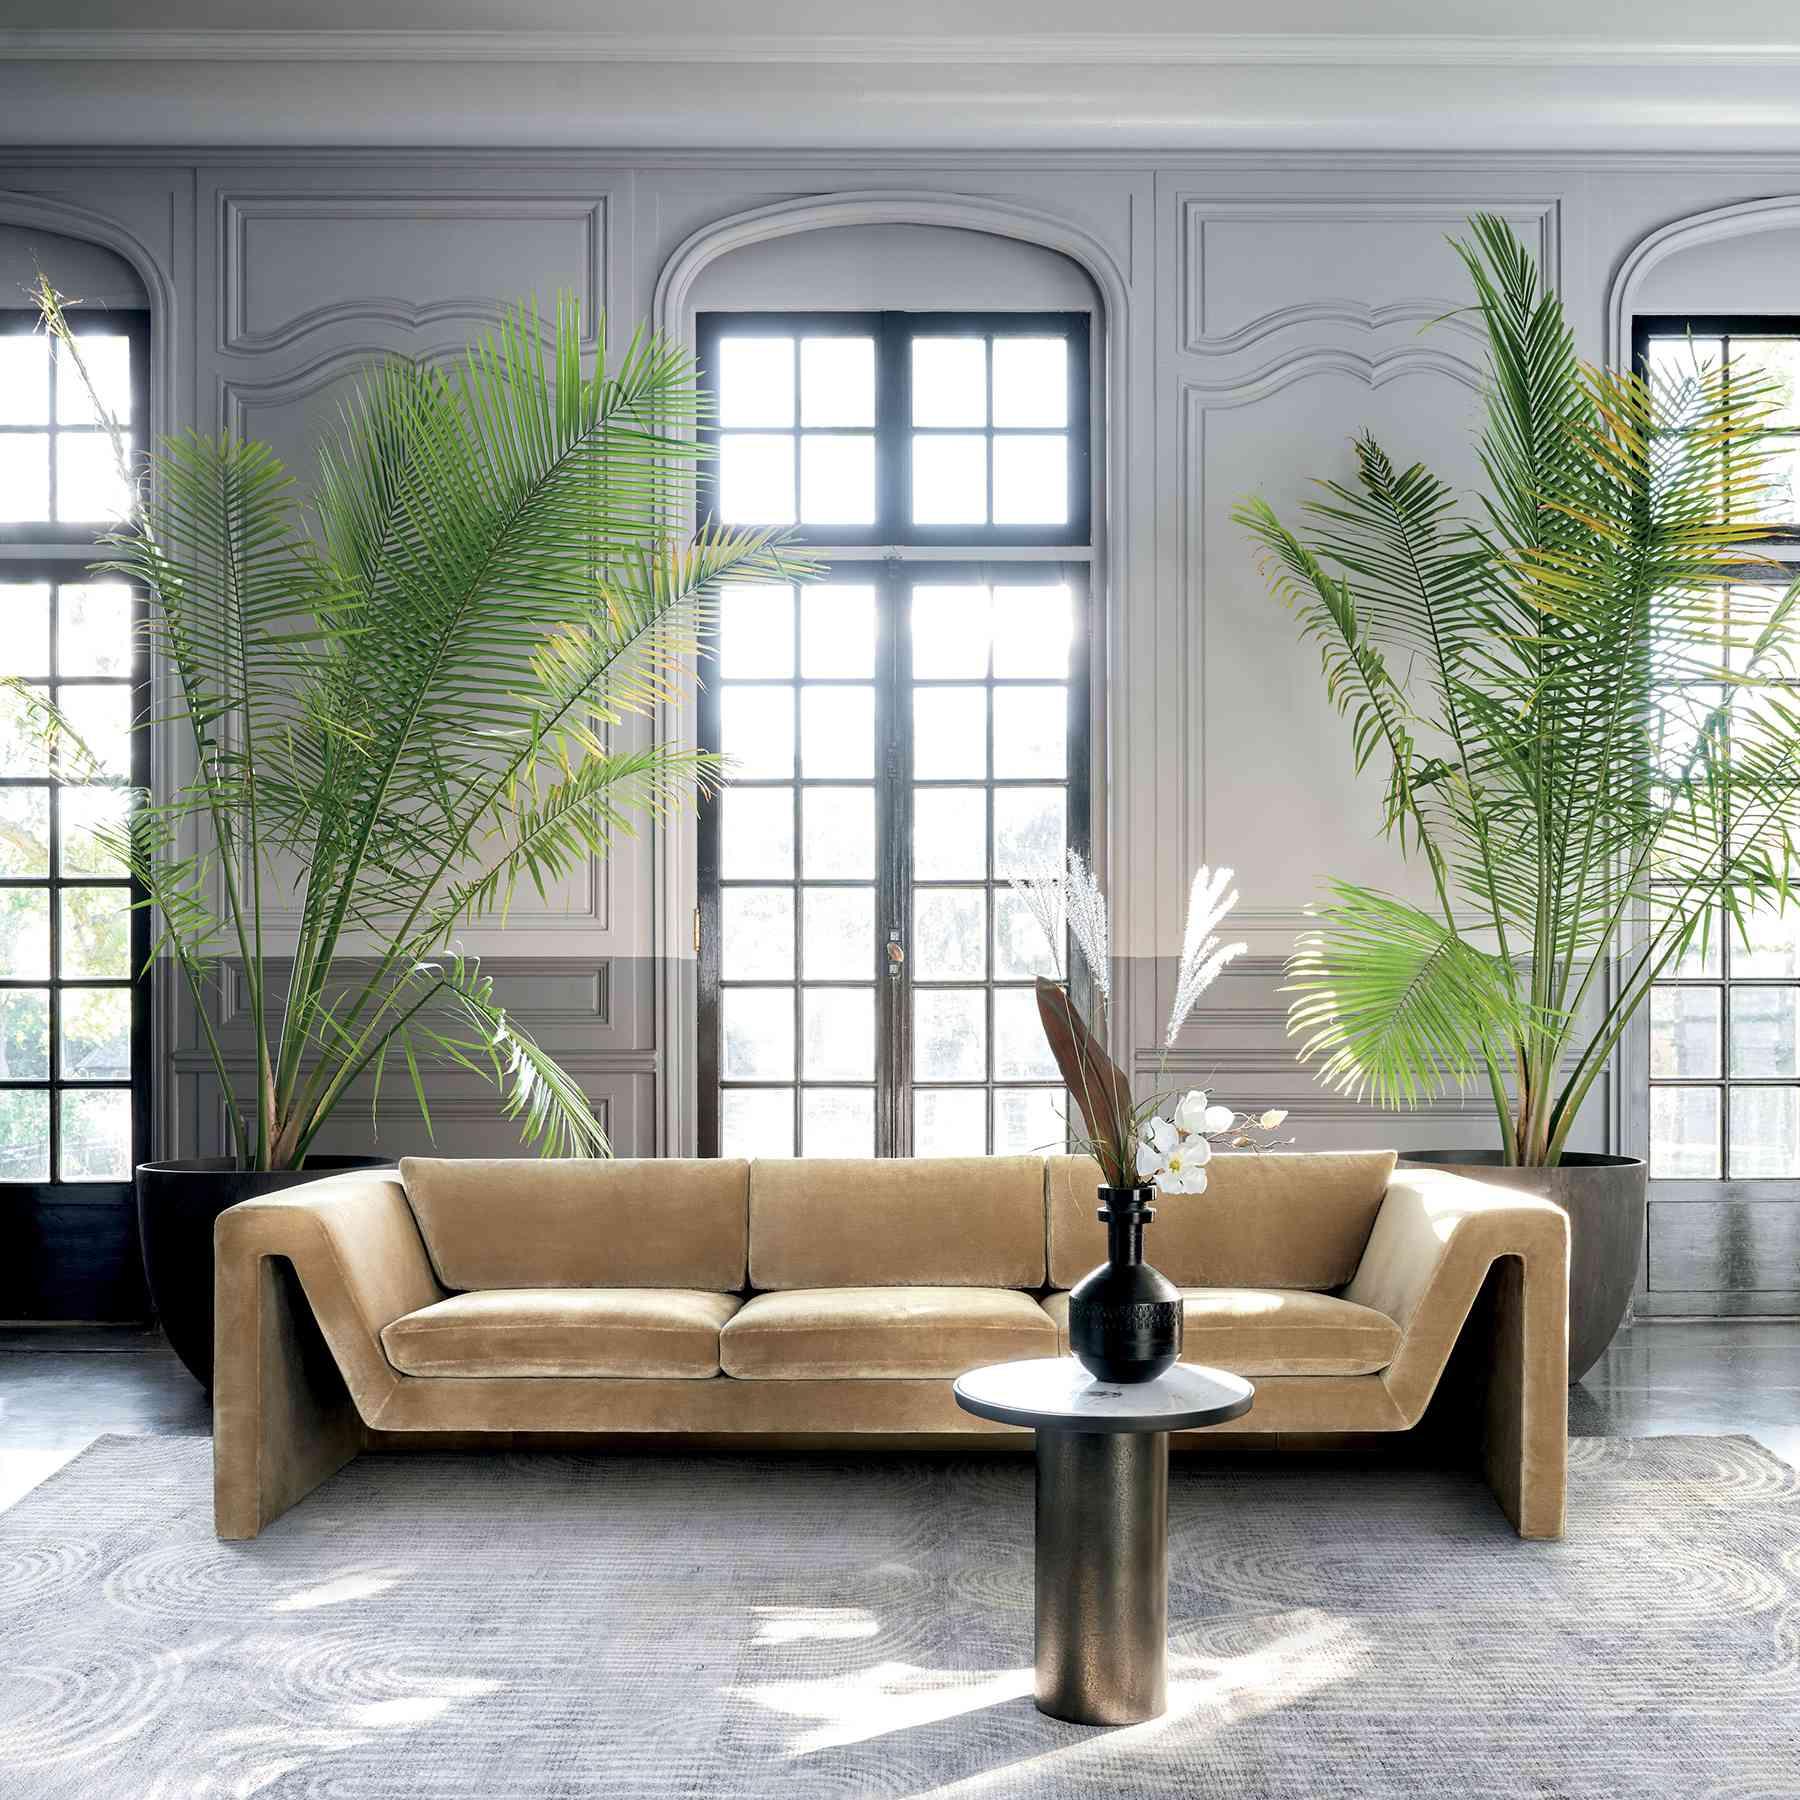 CB2 2021 Design Trends - velvet sofa and oversized plants